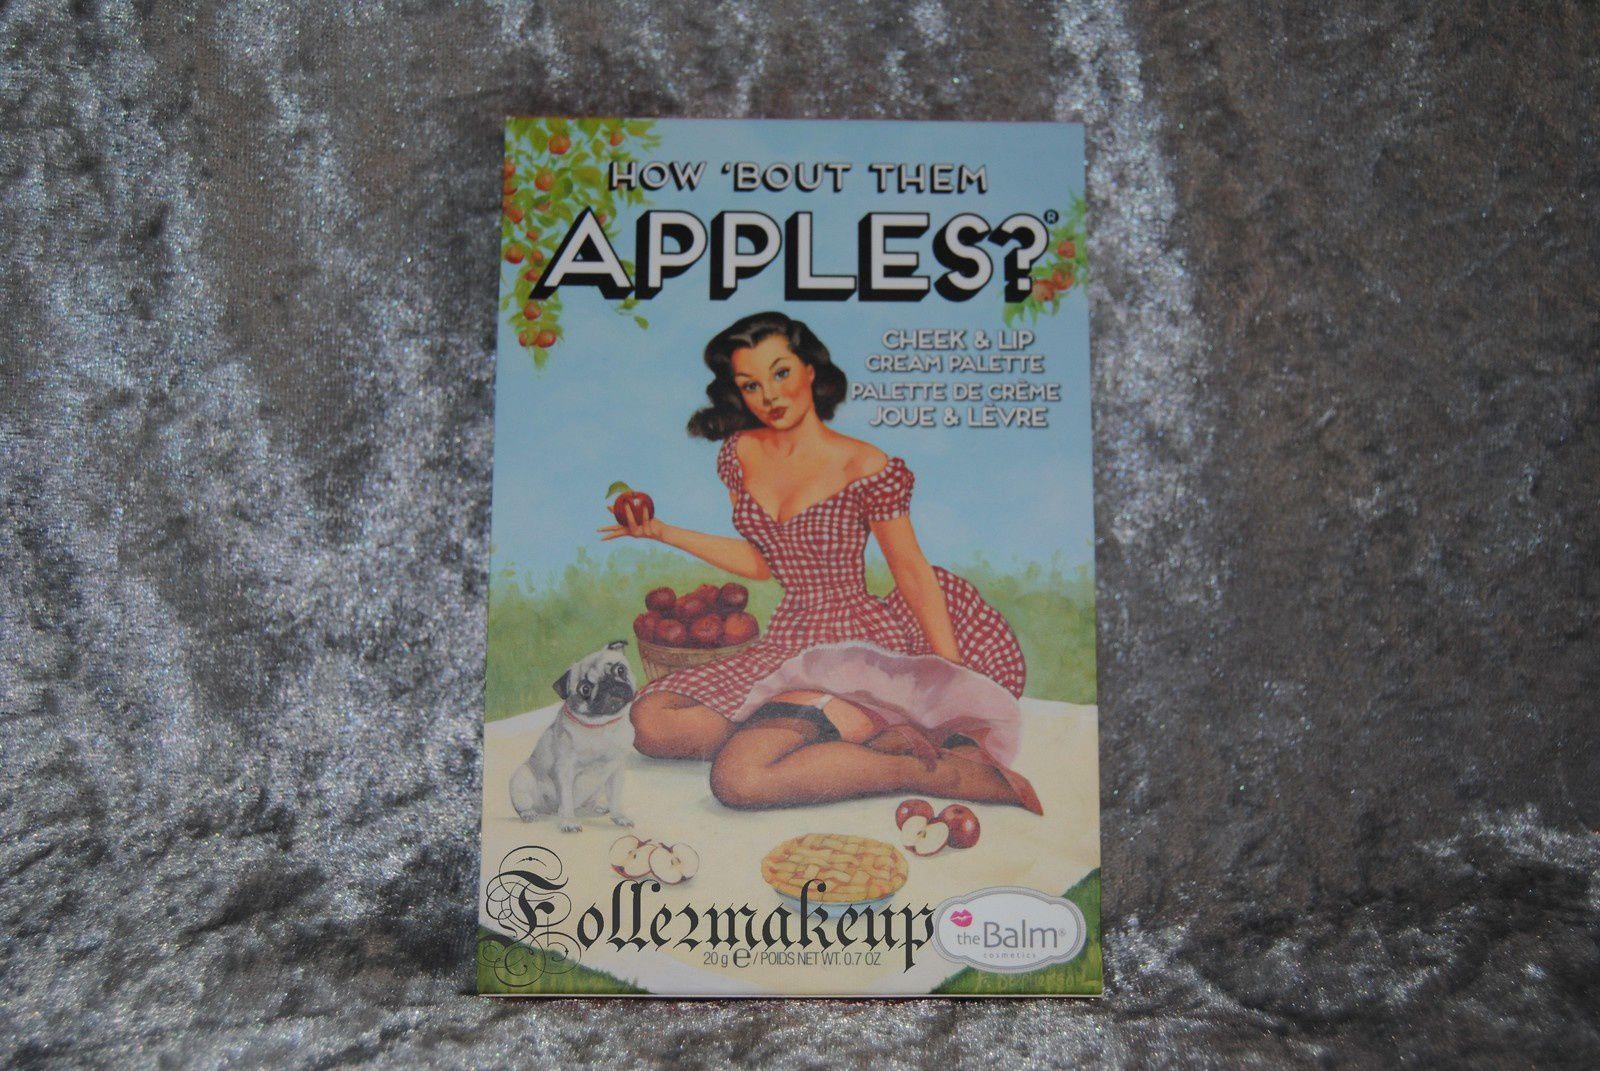 La palette How 'Bout Them Apples de THEBALM COSMETICS - 25€